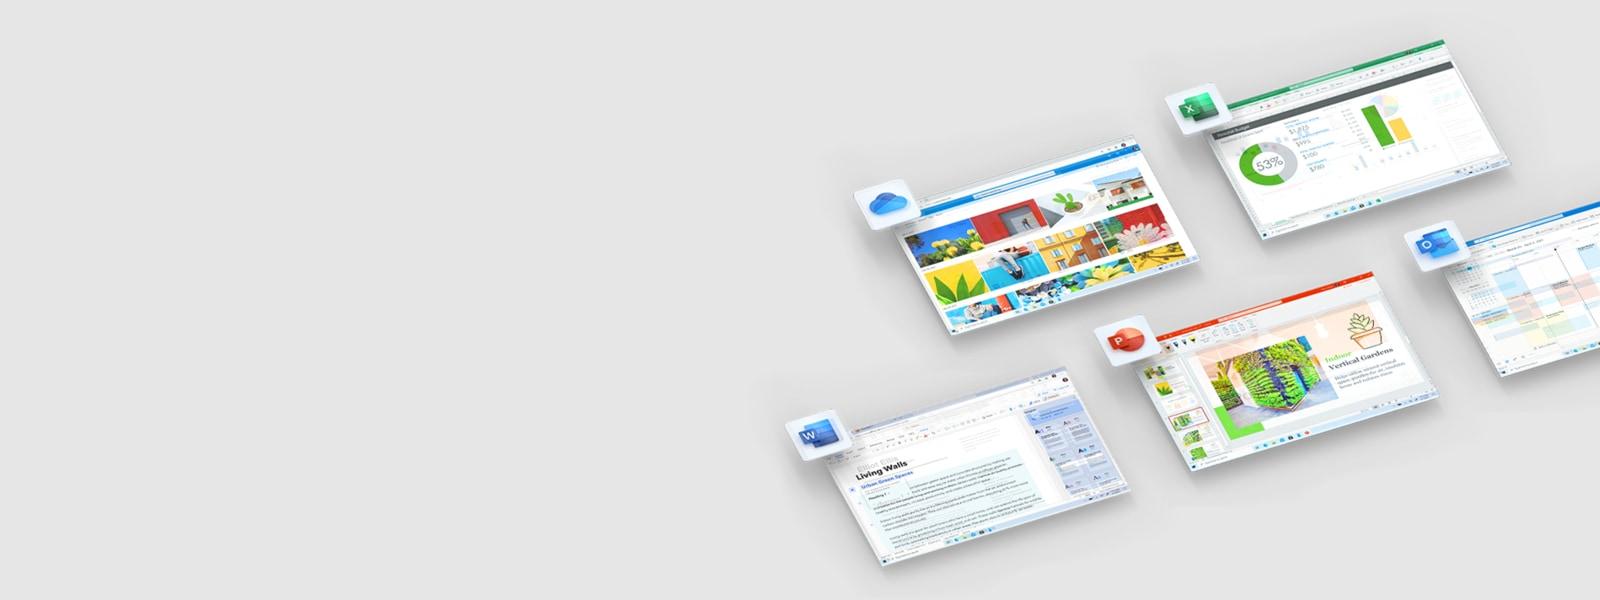 Microsoft 365'in bir parçası olan Office uygulamaları için ekranlar ve uygulama simgeleri